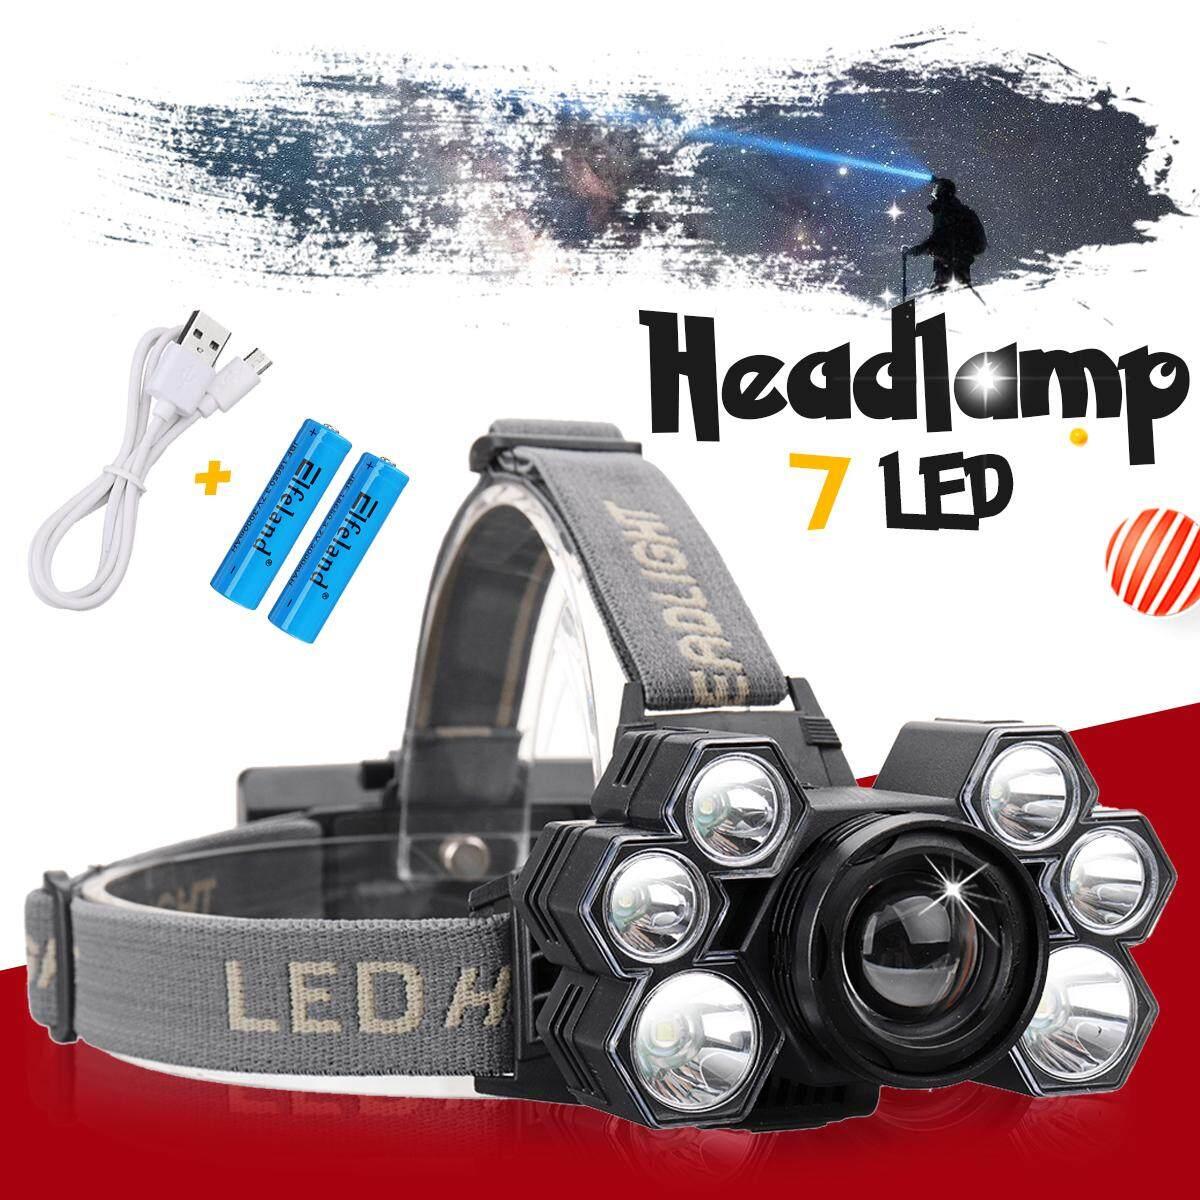 【การจัดส่ง + แฟลช Deal】Headlight 60000lm ไฟฉายคาดหัวชาร์จได้ยูเอสบี 3 * T6 + 4 * Q5 LED ไฟฉายคาดศีรษะซูมไฟฉายตกปลาพกพาหัวตัดแก๊ส LIGHT 18650 แบตเตอรี่